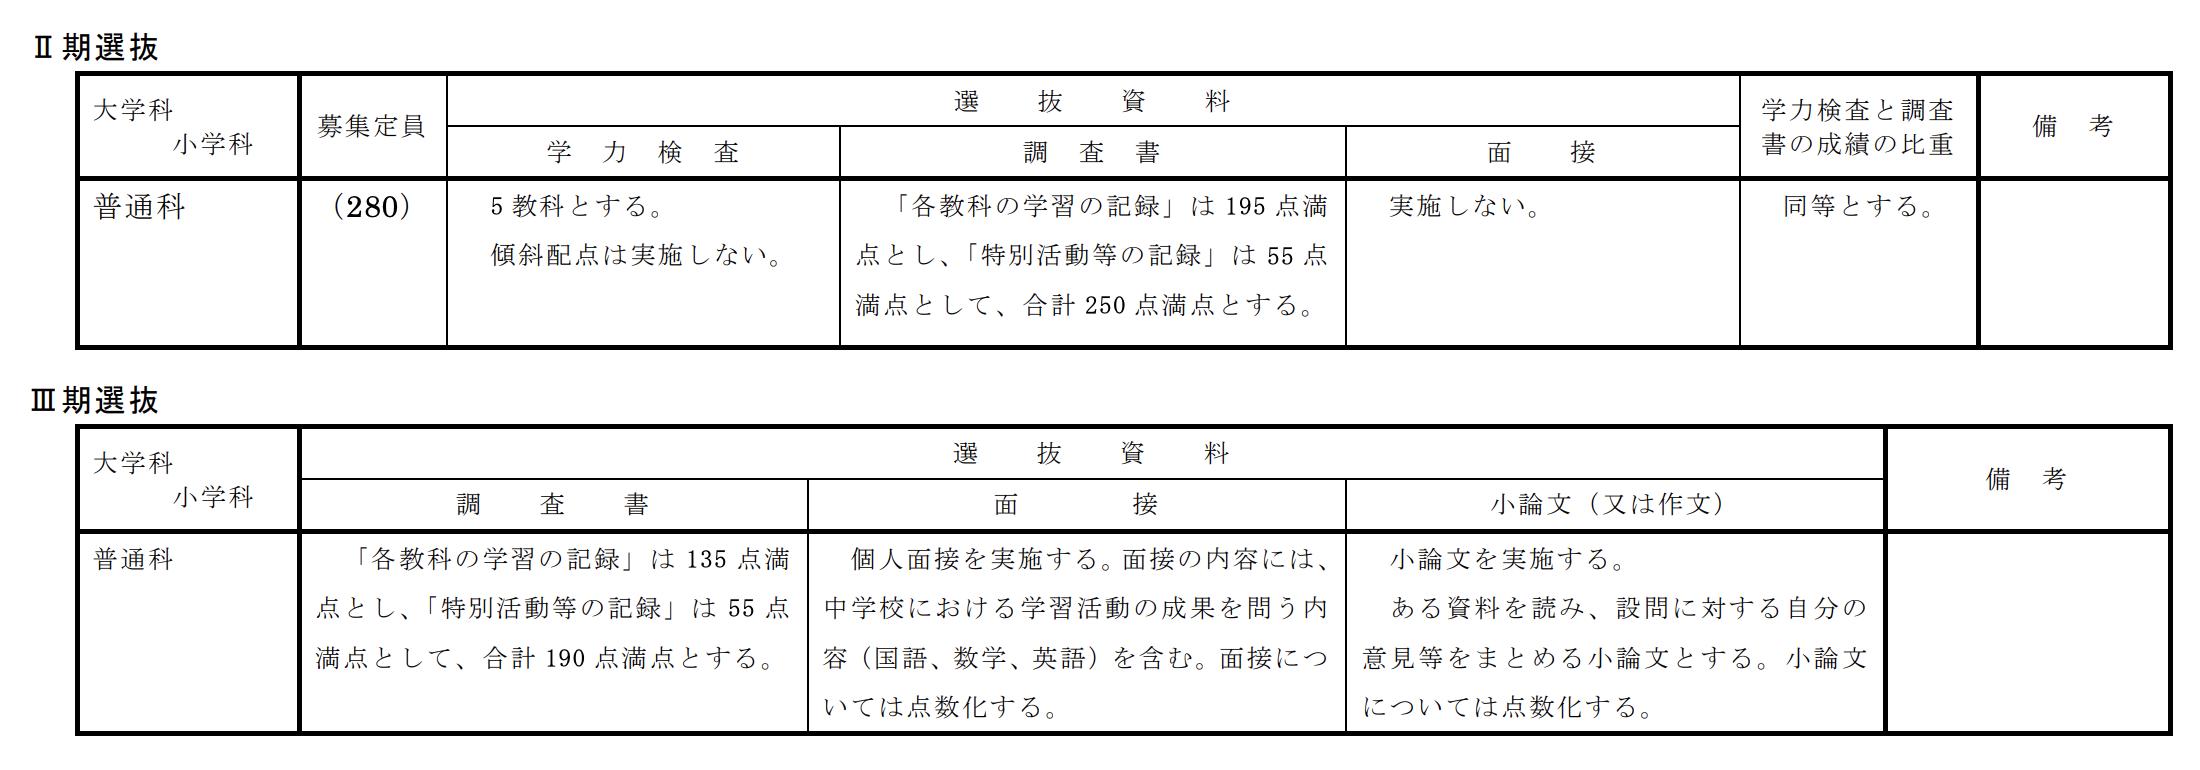 福島県公立高校入試制度4